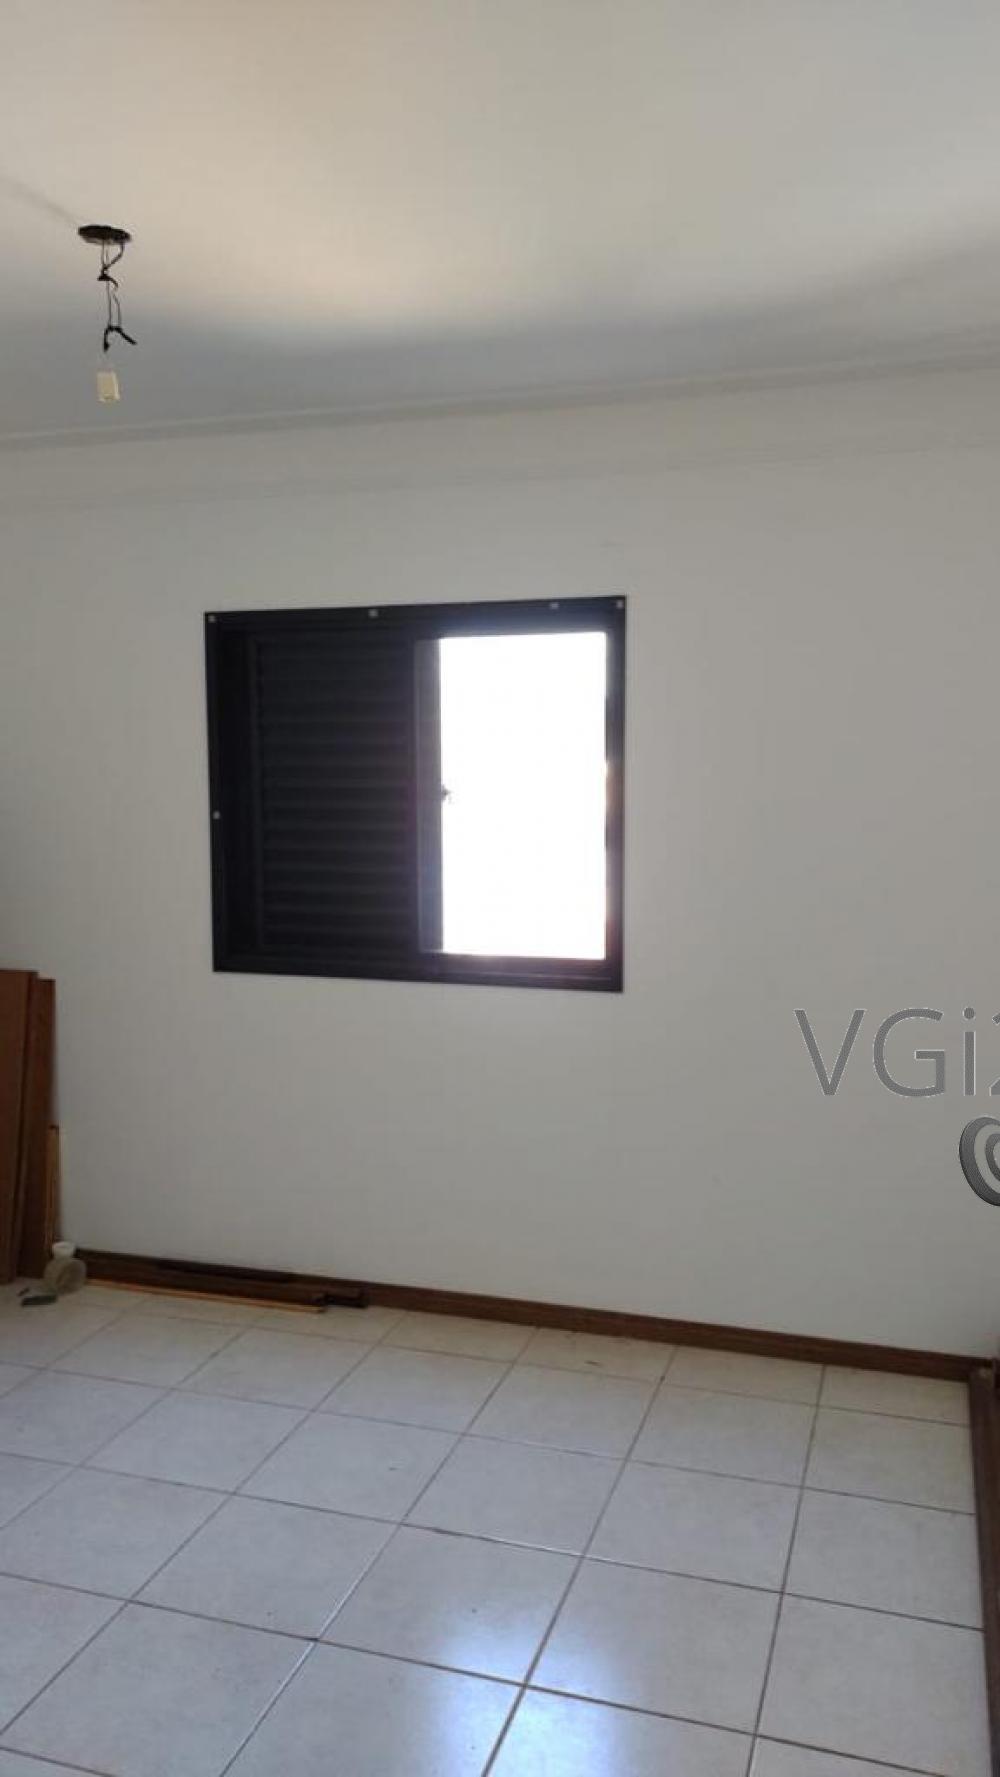 Comprar Apartamento / Padrão em Ribeirão Preto R$ 367.500,00 - Foto 13